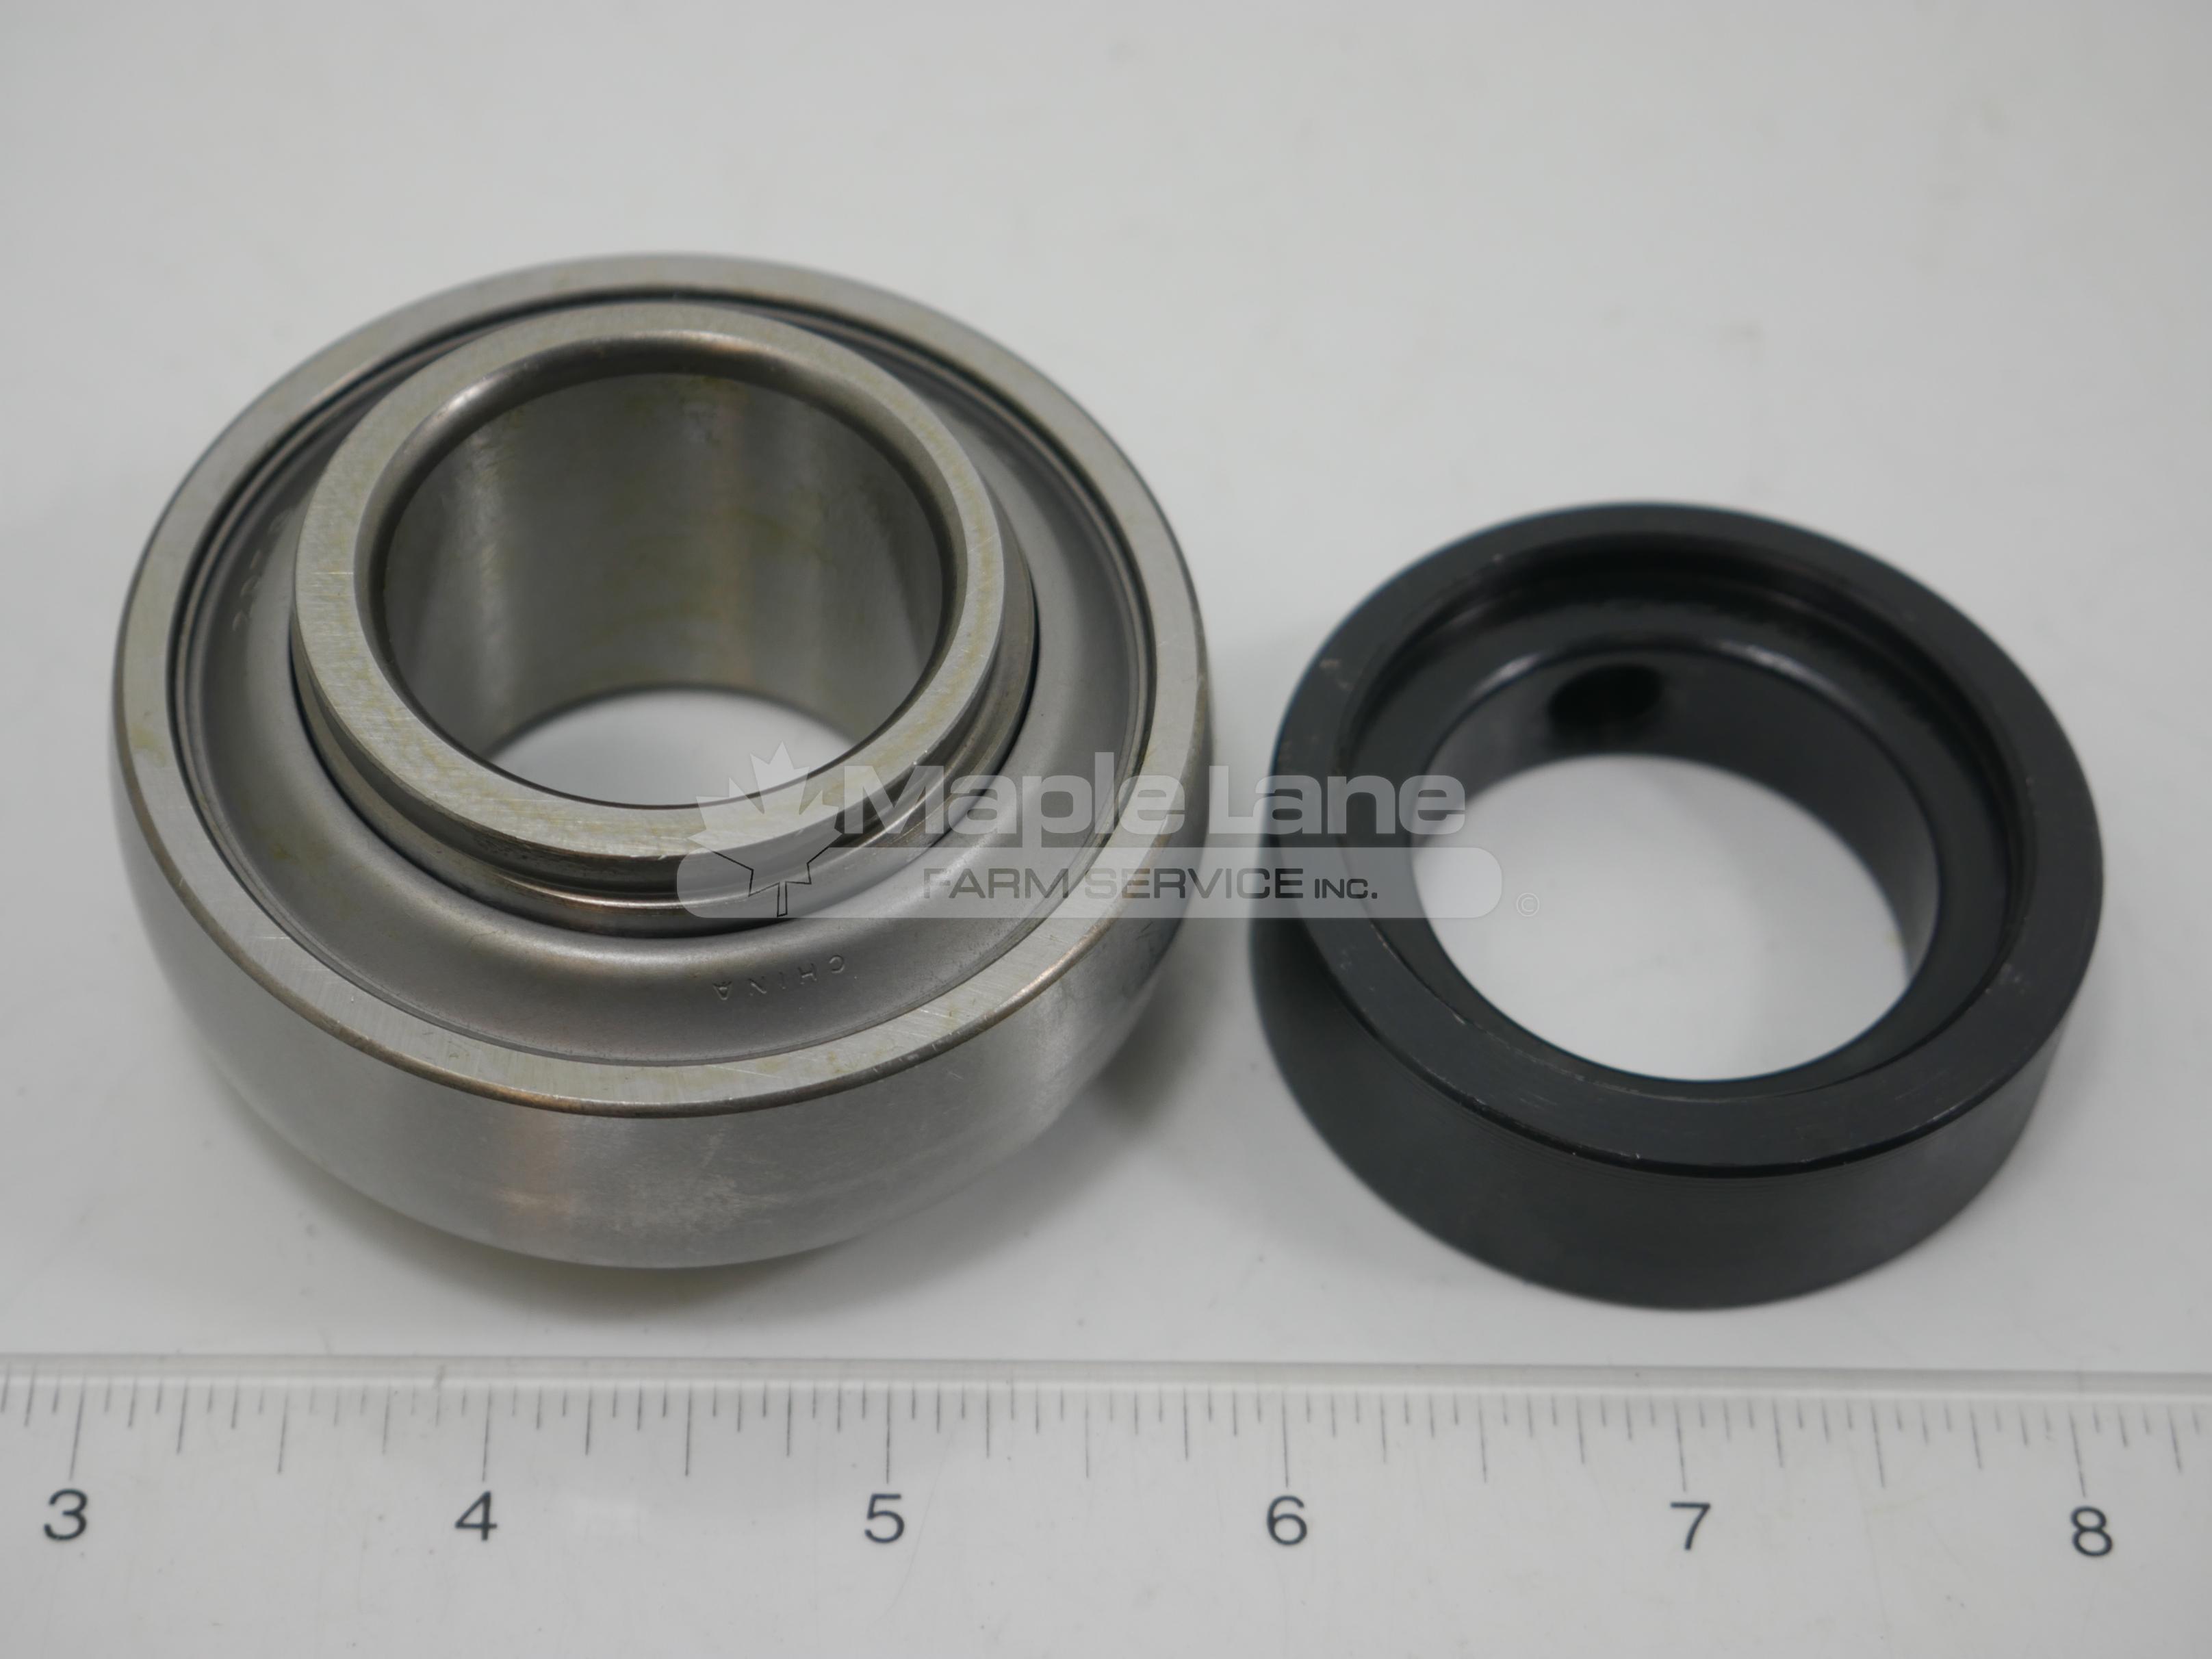 ACW6849600 Bearing